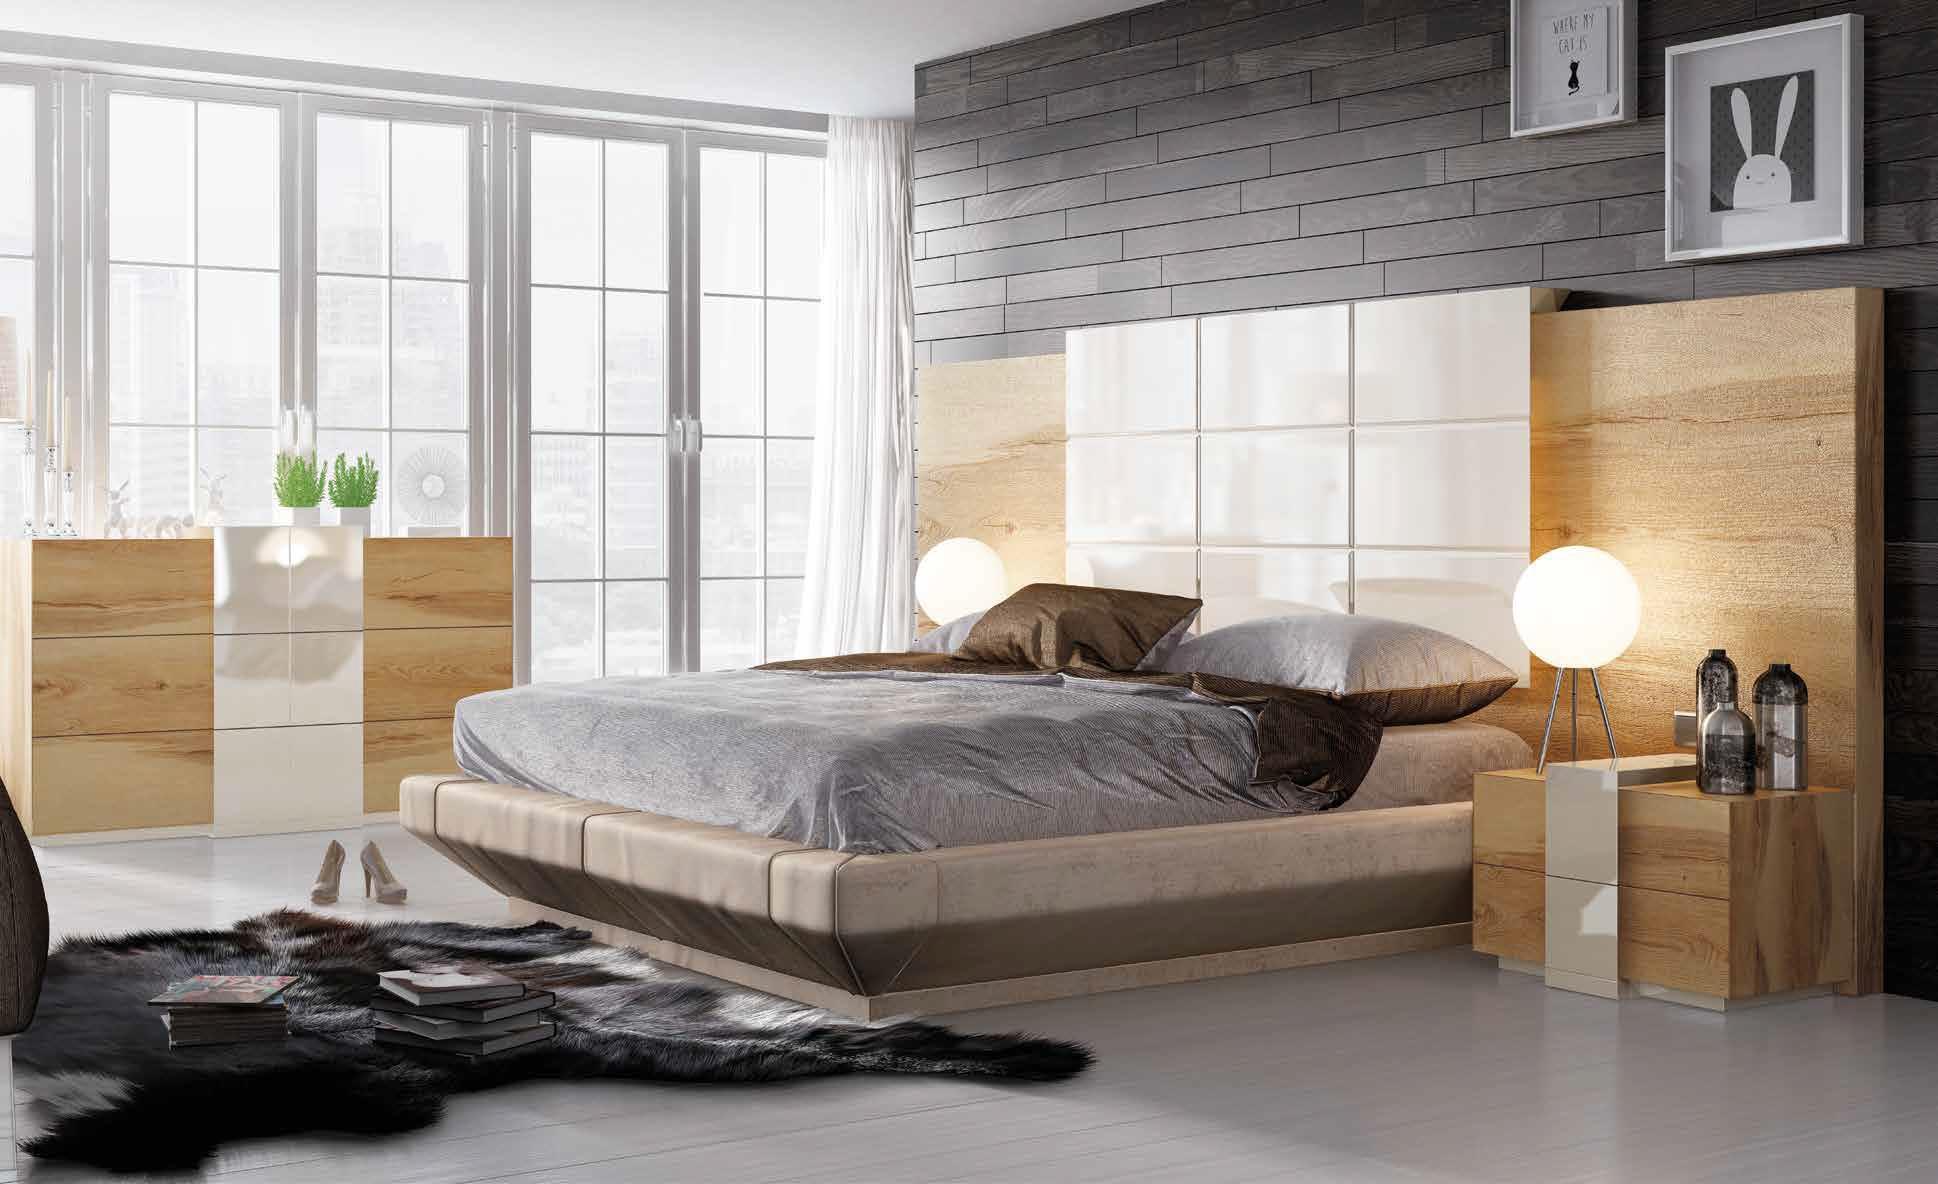 dormitorio-contemporaneo-Volumen-1-muebles-paco-caballero-1220-5caf2f8f21714